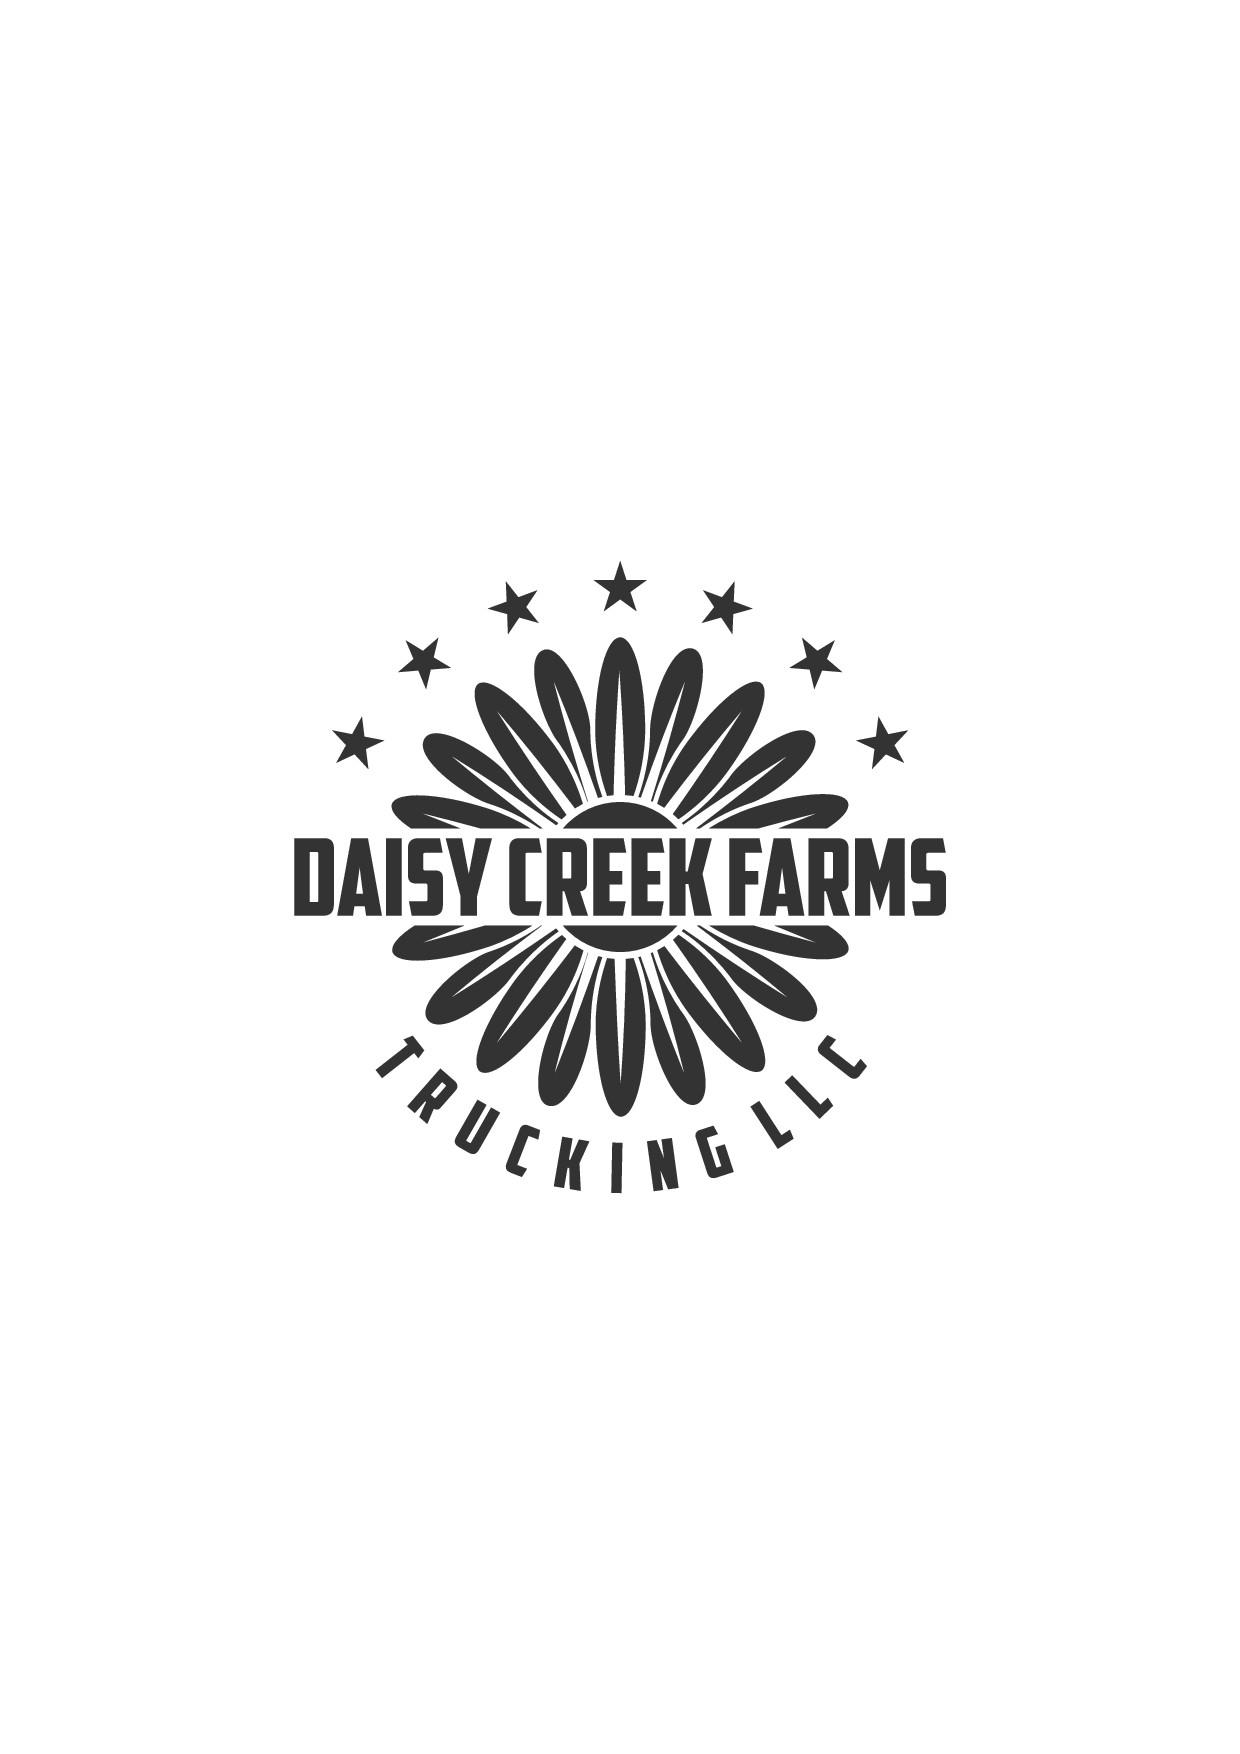 Daisy Creek Farms Trucking LLC.